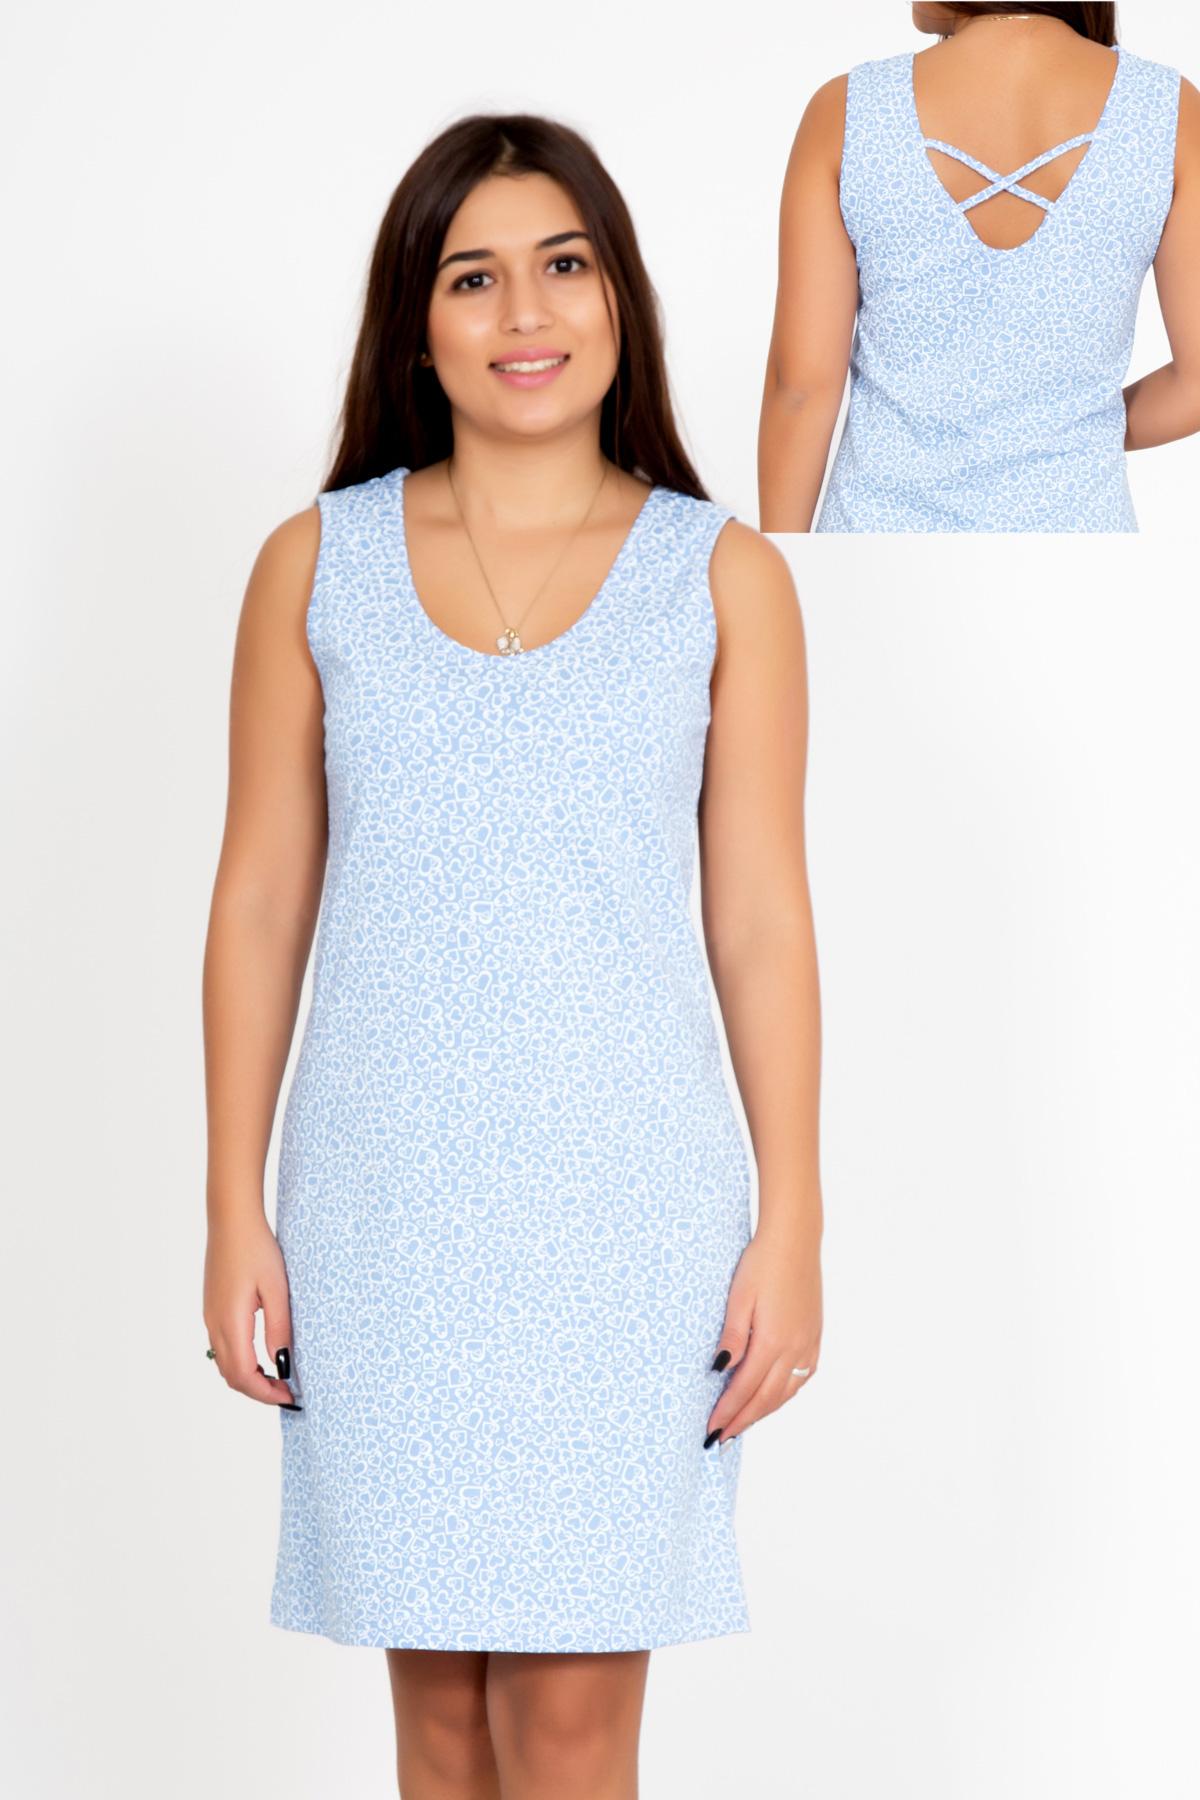 Жен. сорочка Влада Голубой р. 50Ночные сорочки<br>Факт. ОГ: 98 см <br>Факт. ОТ: 94 см <br>Факт. ОБ: 106 см <br>Длина по спинке: 91 см<br><br>Тип: Жен. сорочка<br>Размер: 50<br>Материал: Кулирка